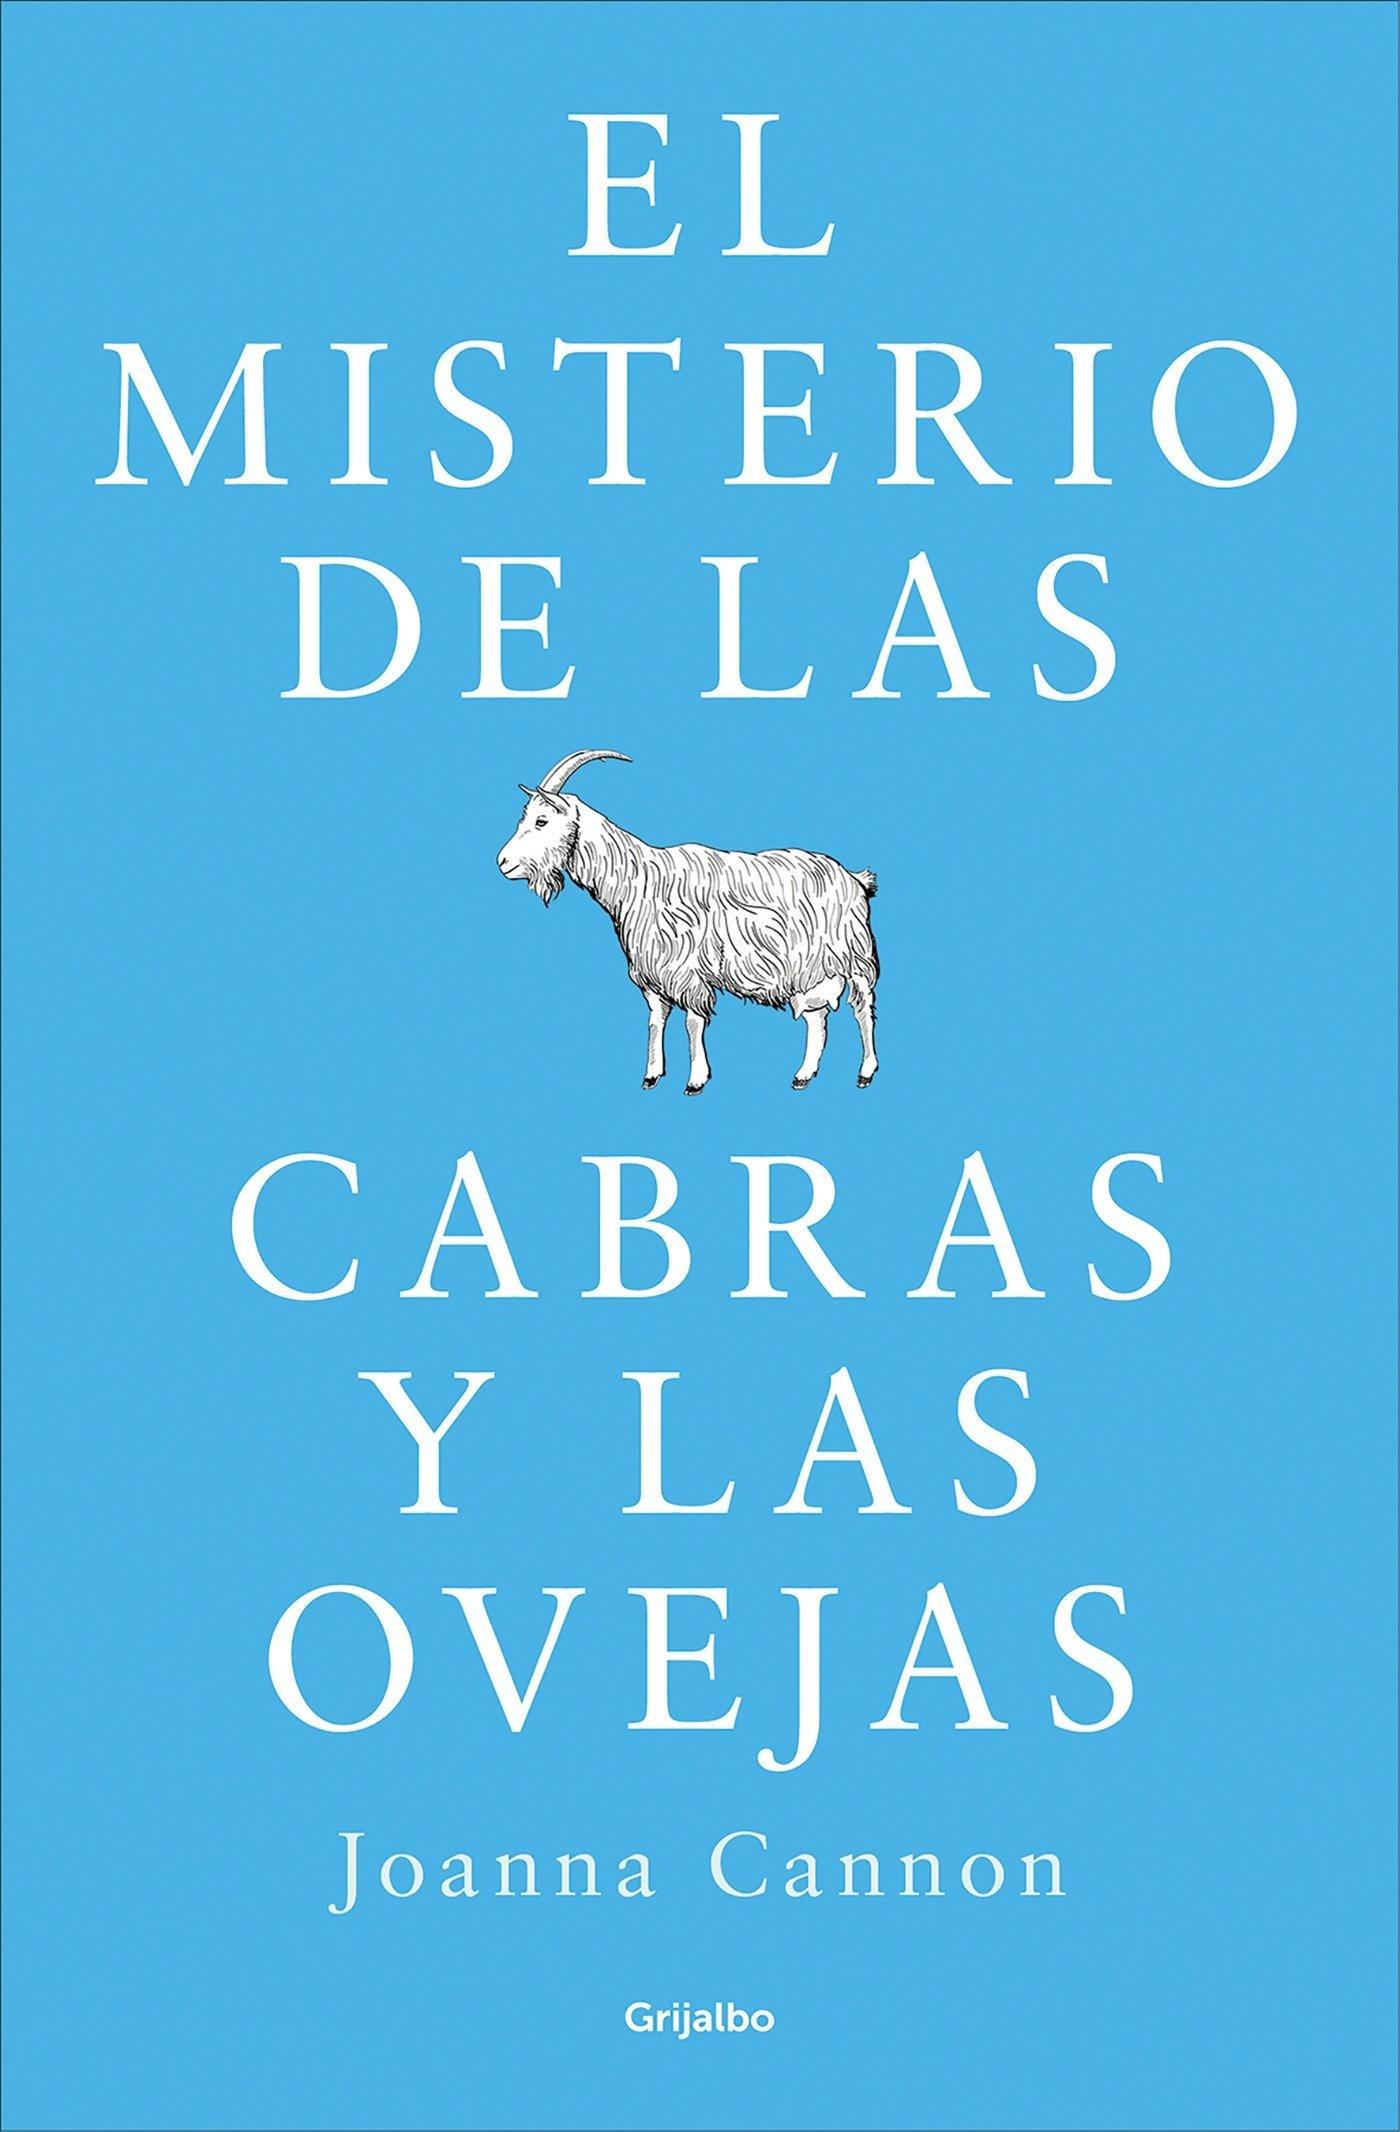 El misterio de las cabras y las ovejas Novela de intriga: Amazon.es: Joanna Cannon, Antonia Martín;: Libros